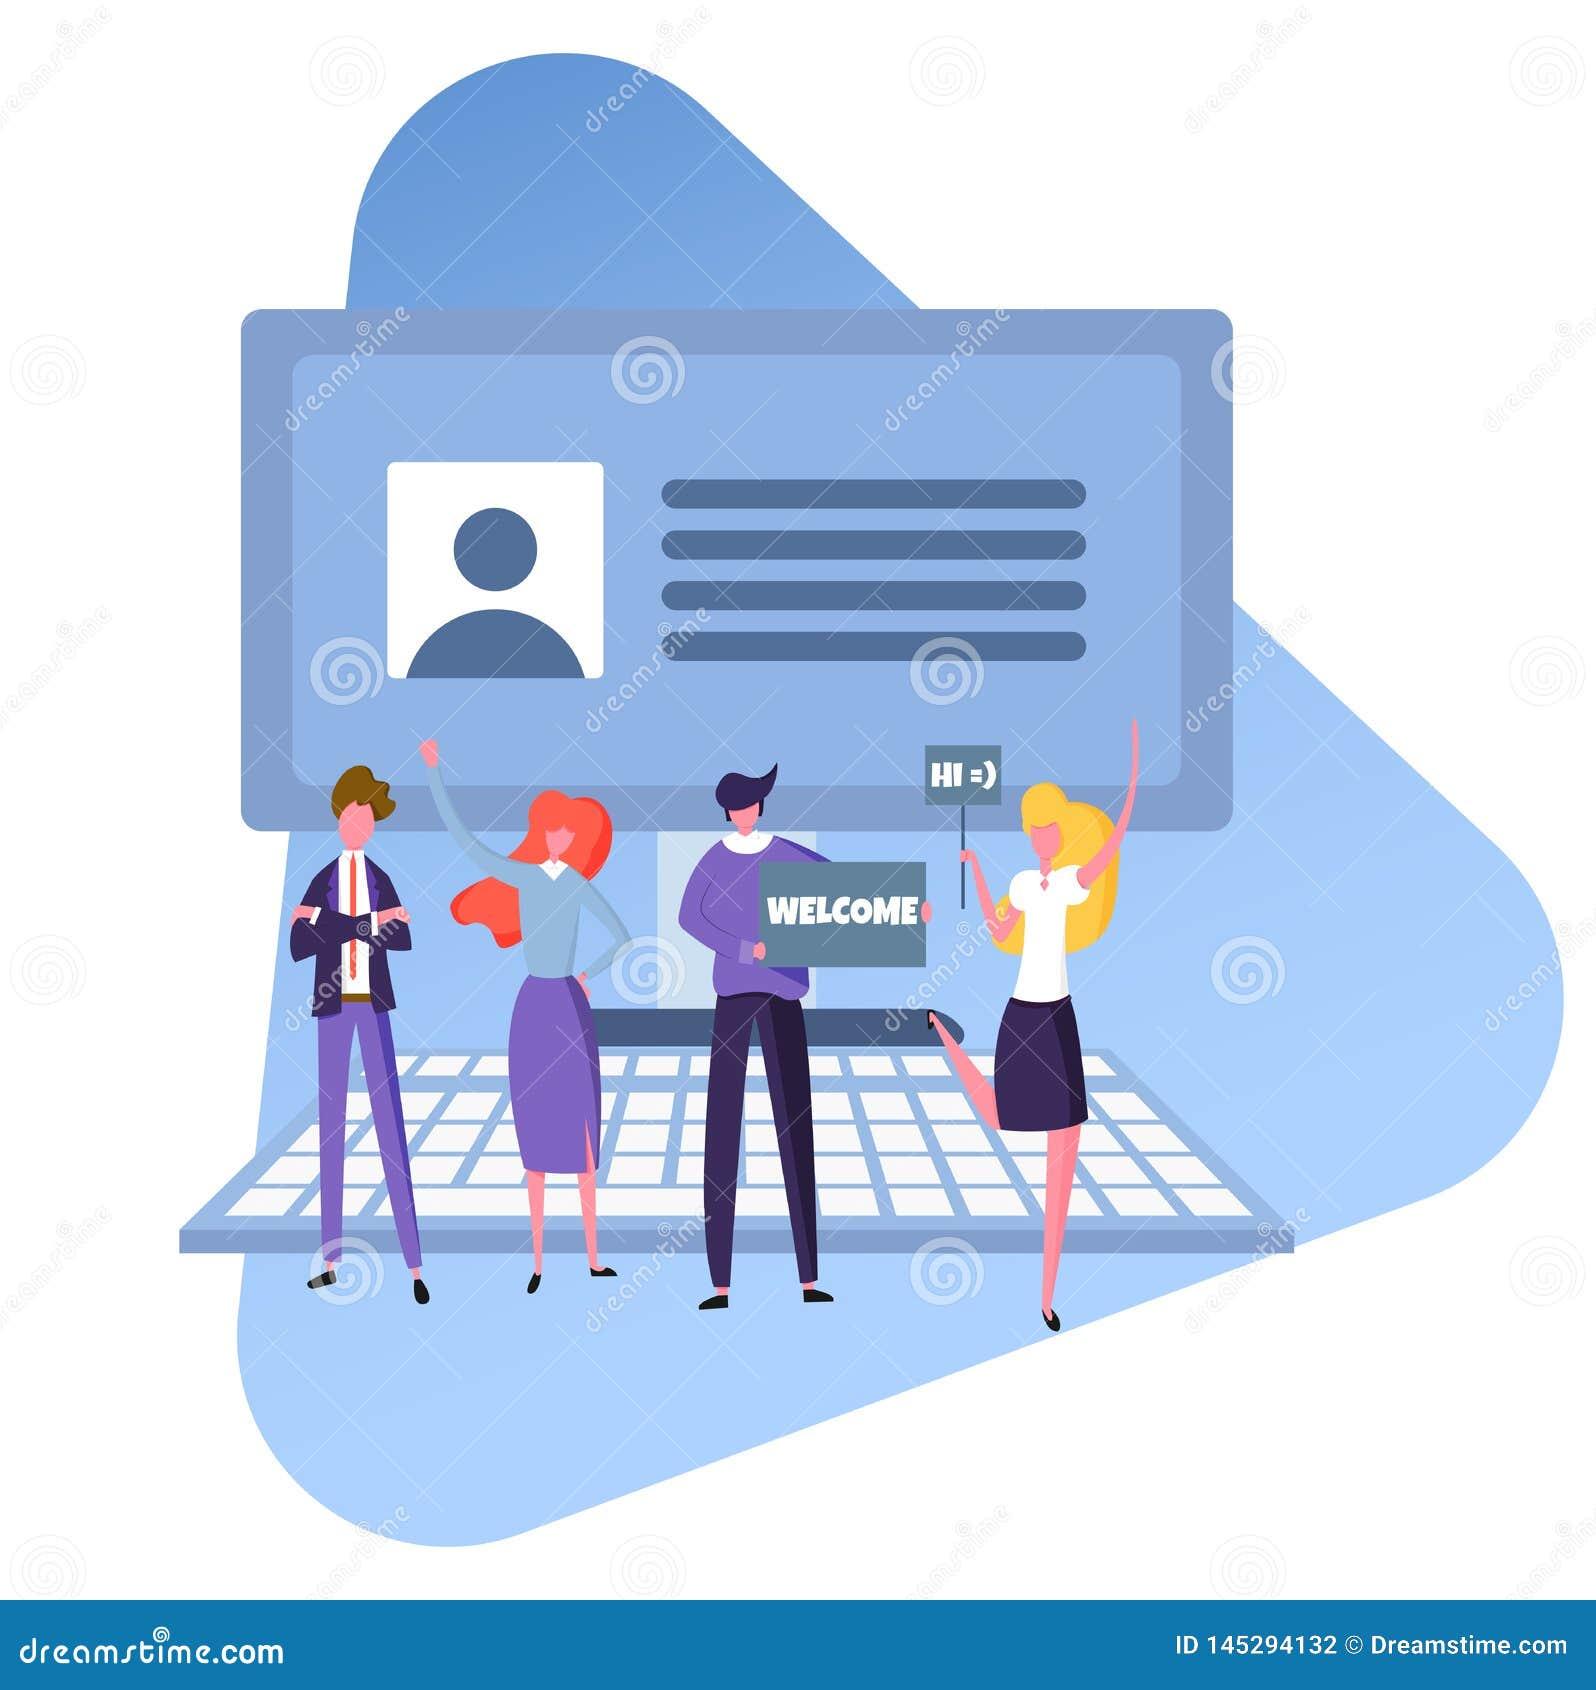 Szuka nowego pracownika i zatrudnia, życzliwa drużyna urzędnicy szuka specjalisty, wektorowy wizerunek, płaski projekt, kolor